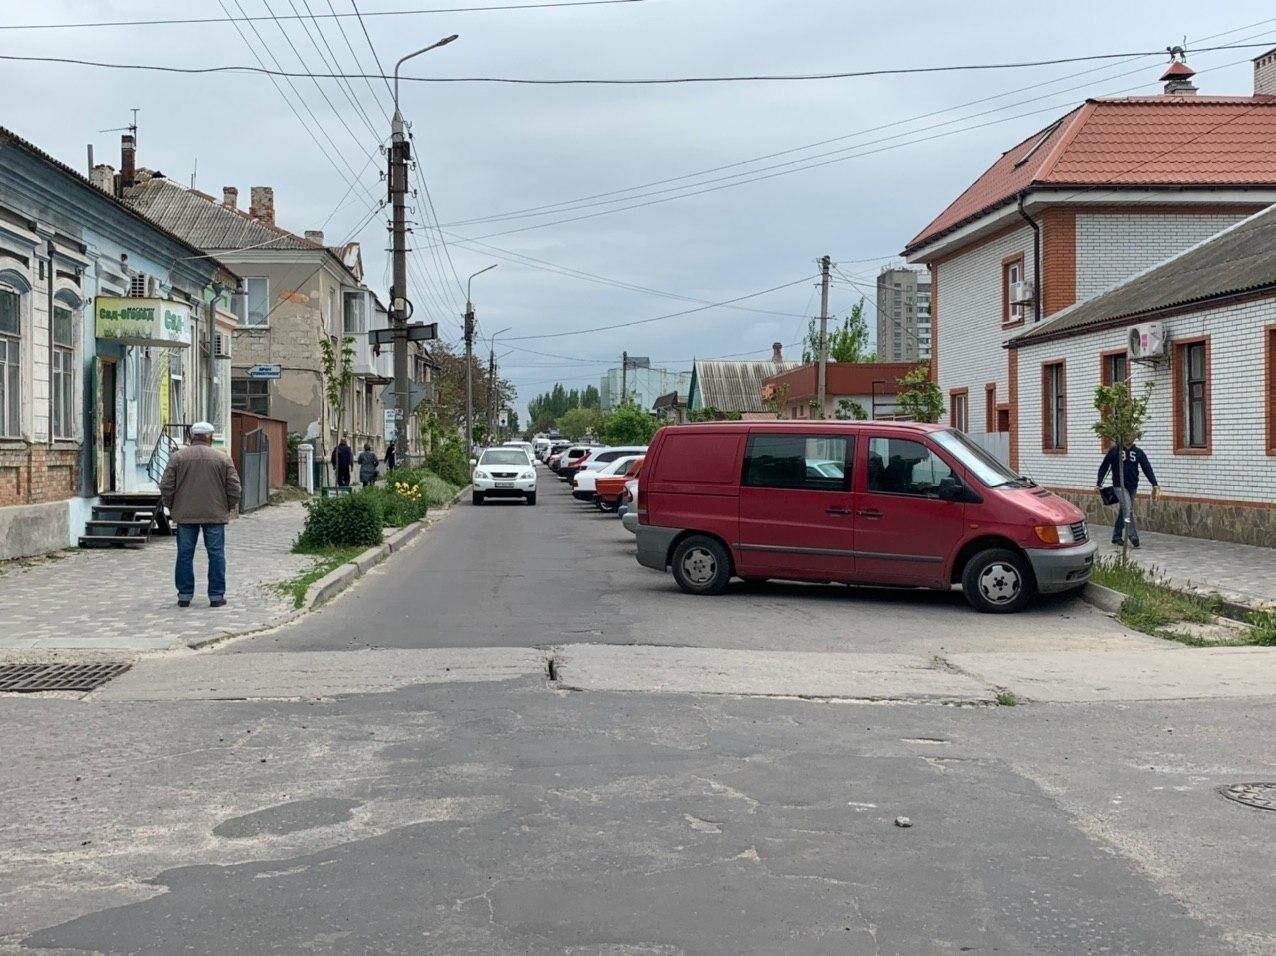 Бердянск - город водителей хамов?, фото-5